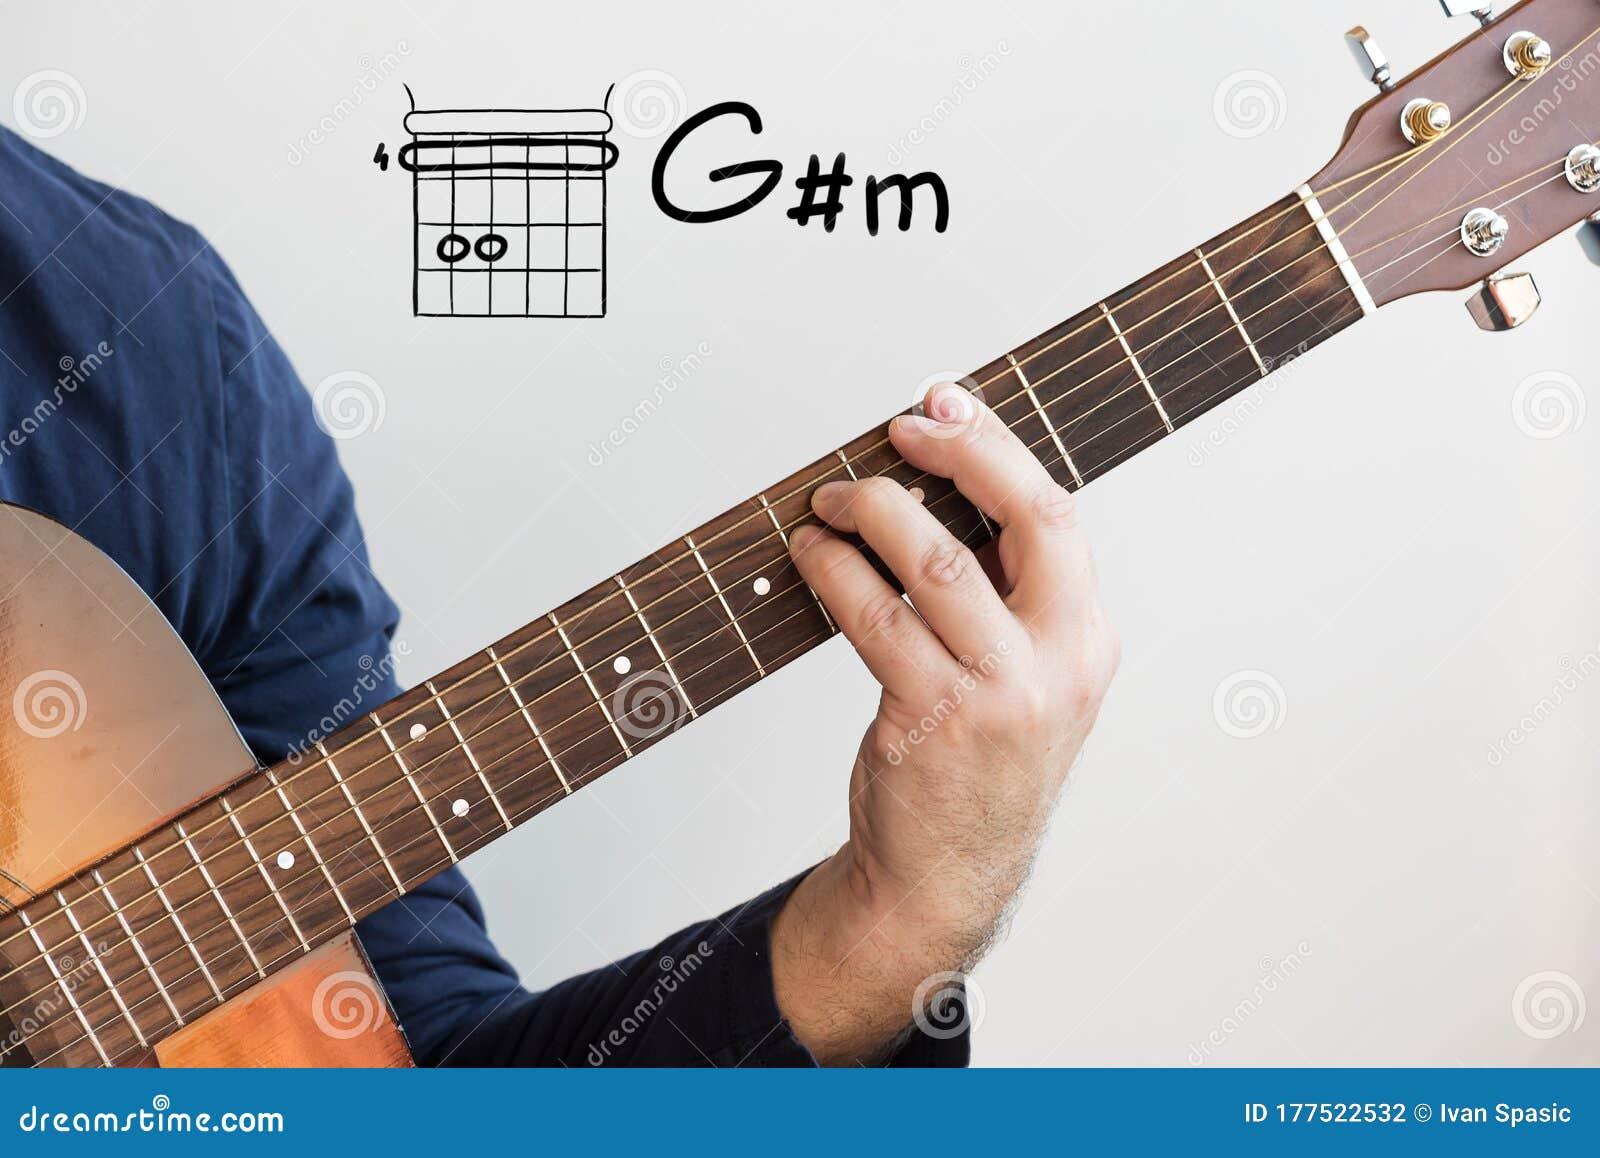 Man Playing Guitar Chords Displayed On Whiteboard, Chord G Sharp ...